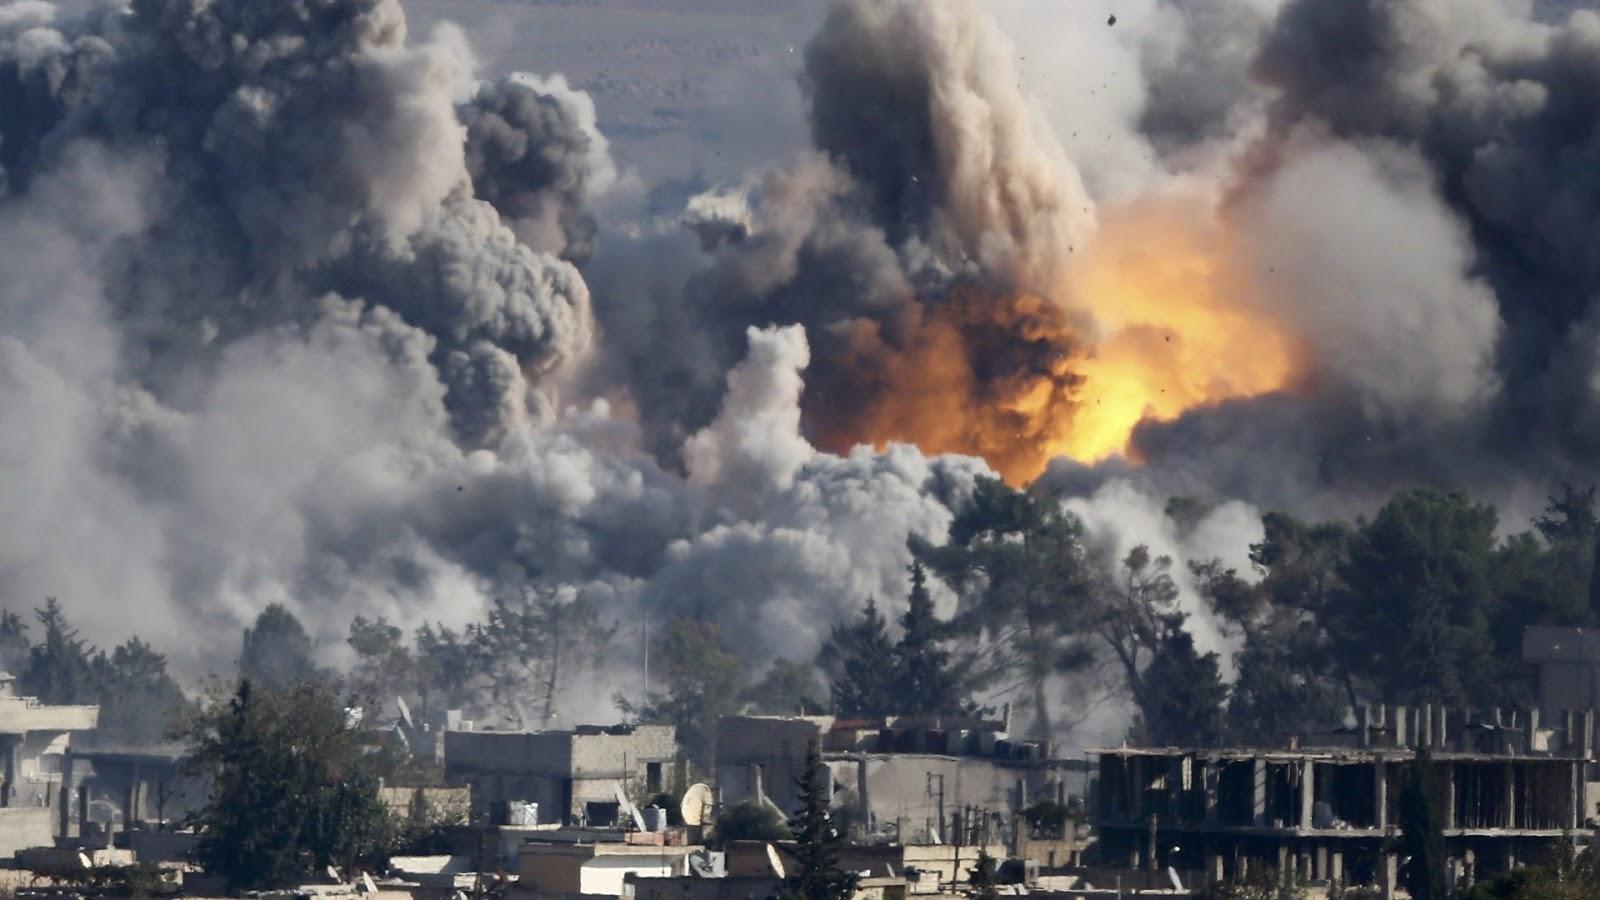 Coalition aircraft bombarding Raqqa (Reuters)